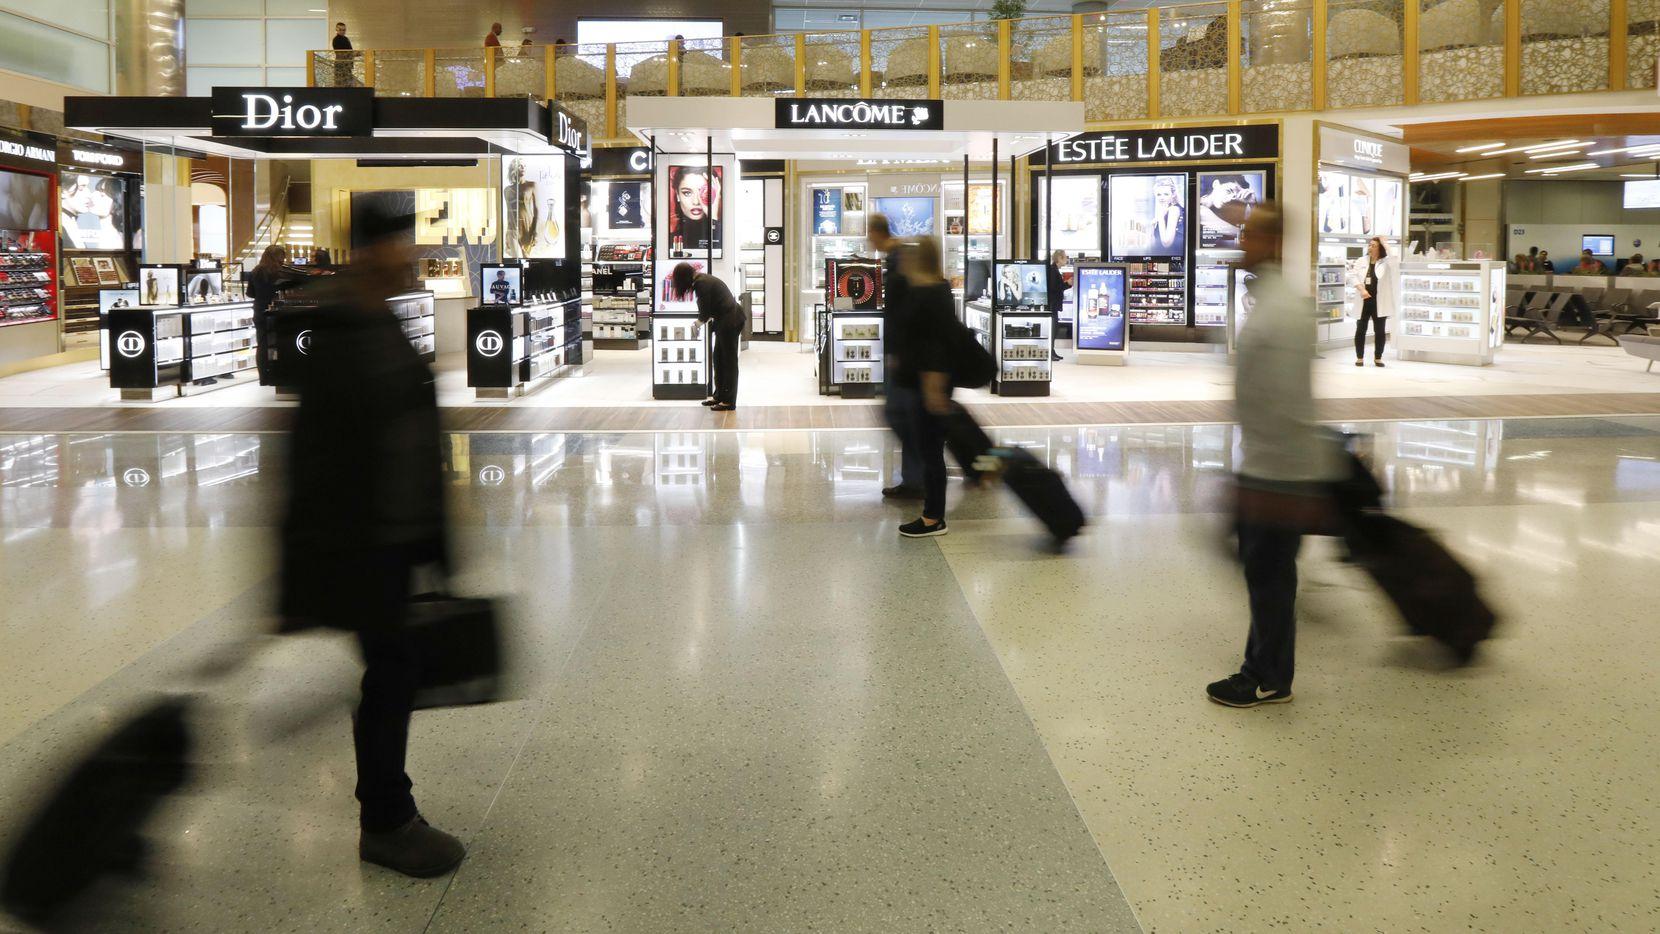 La tienda de artículos de lujo libres de arancel abrió en la terminal D del Aeropuerto Internacional DFW. (DMN/DAVID WOO)